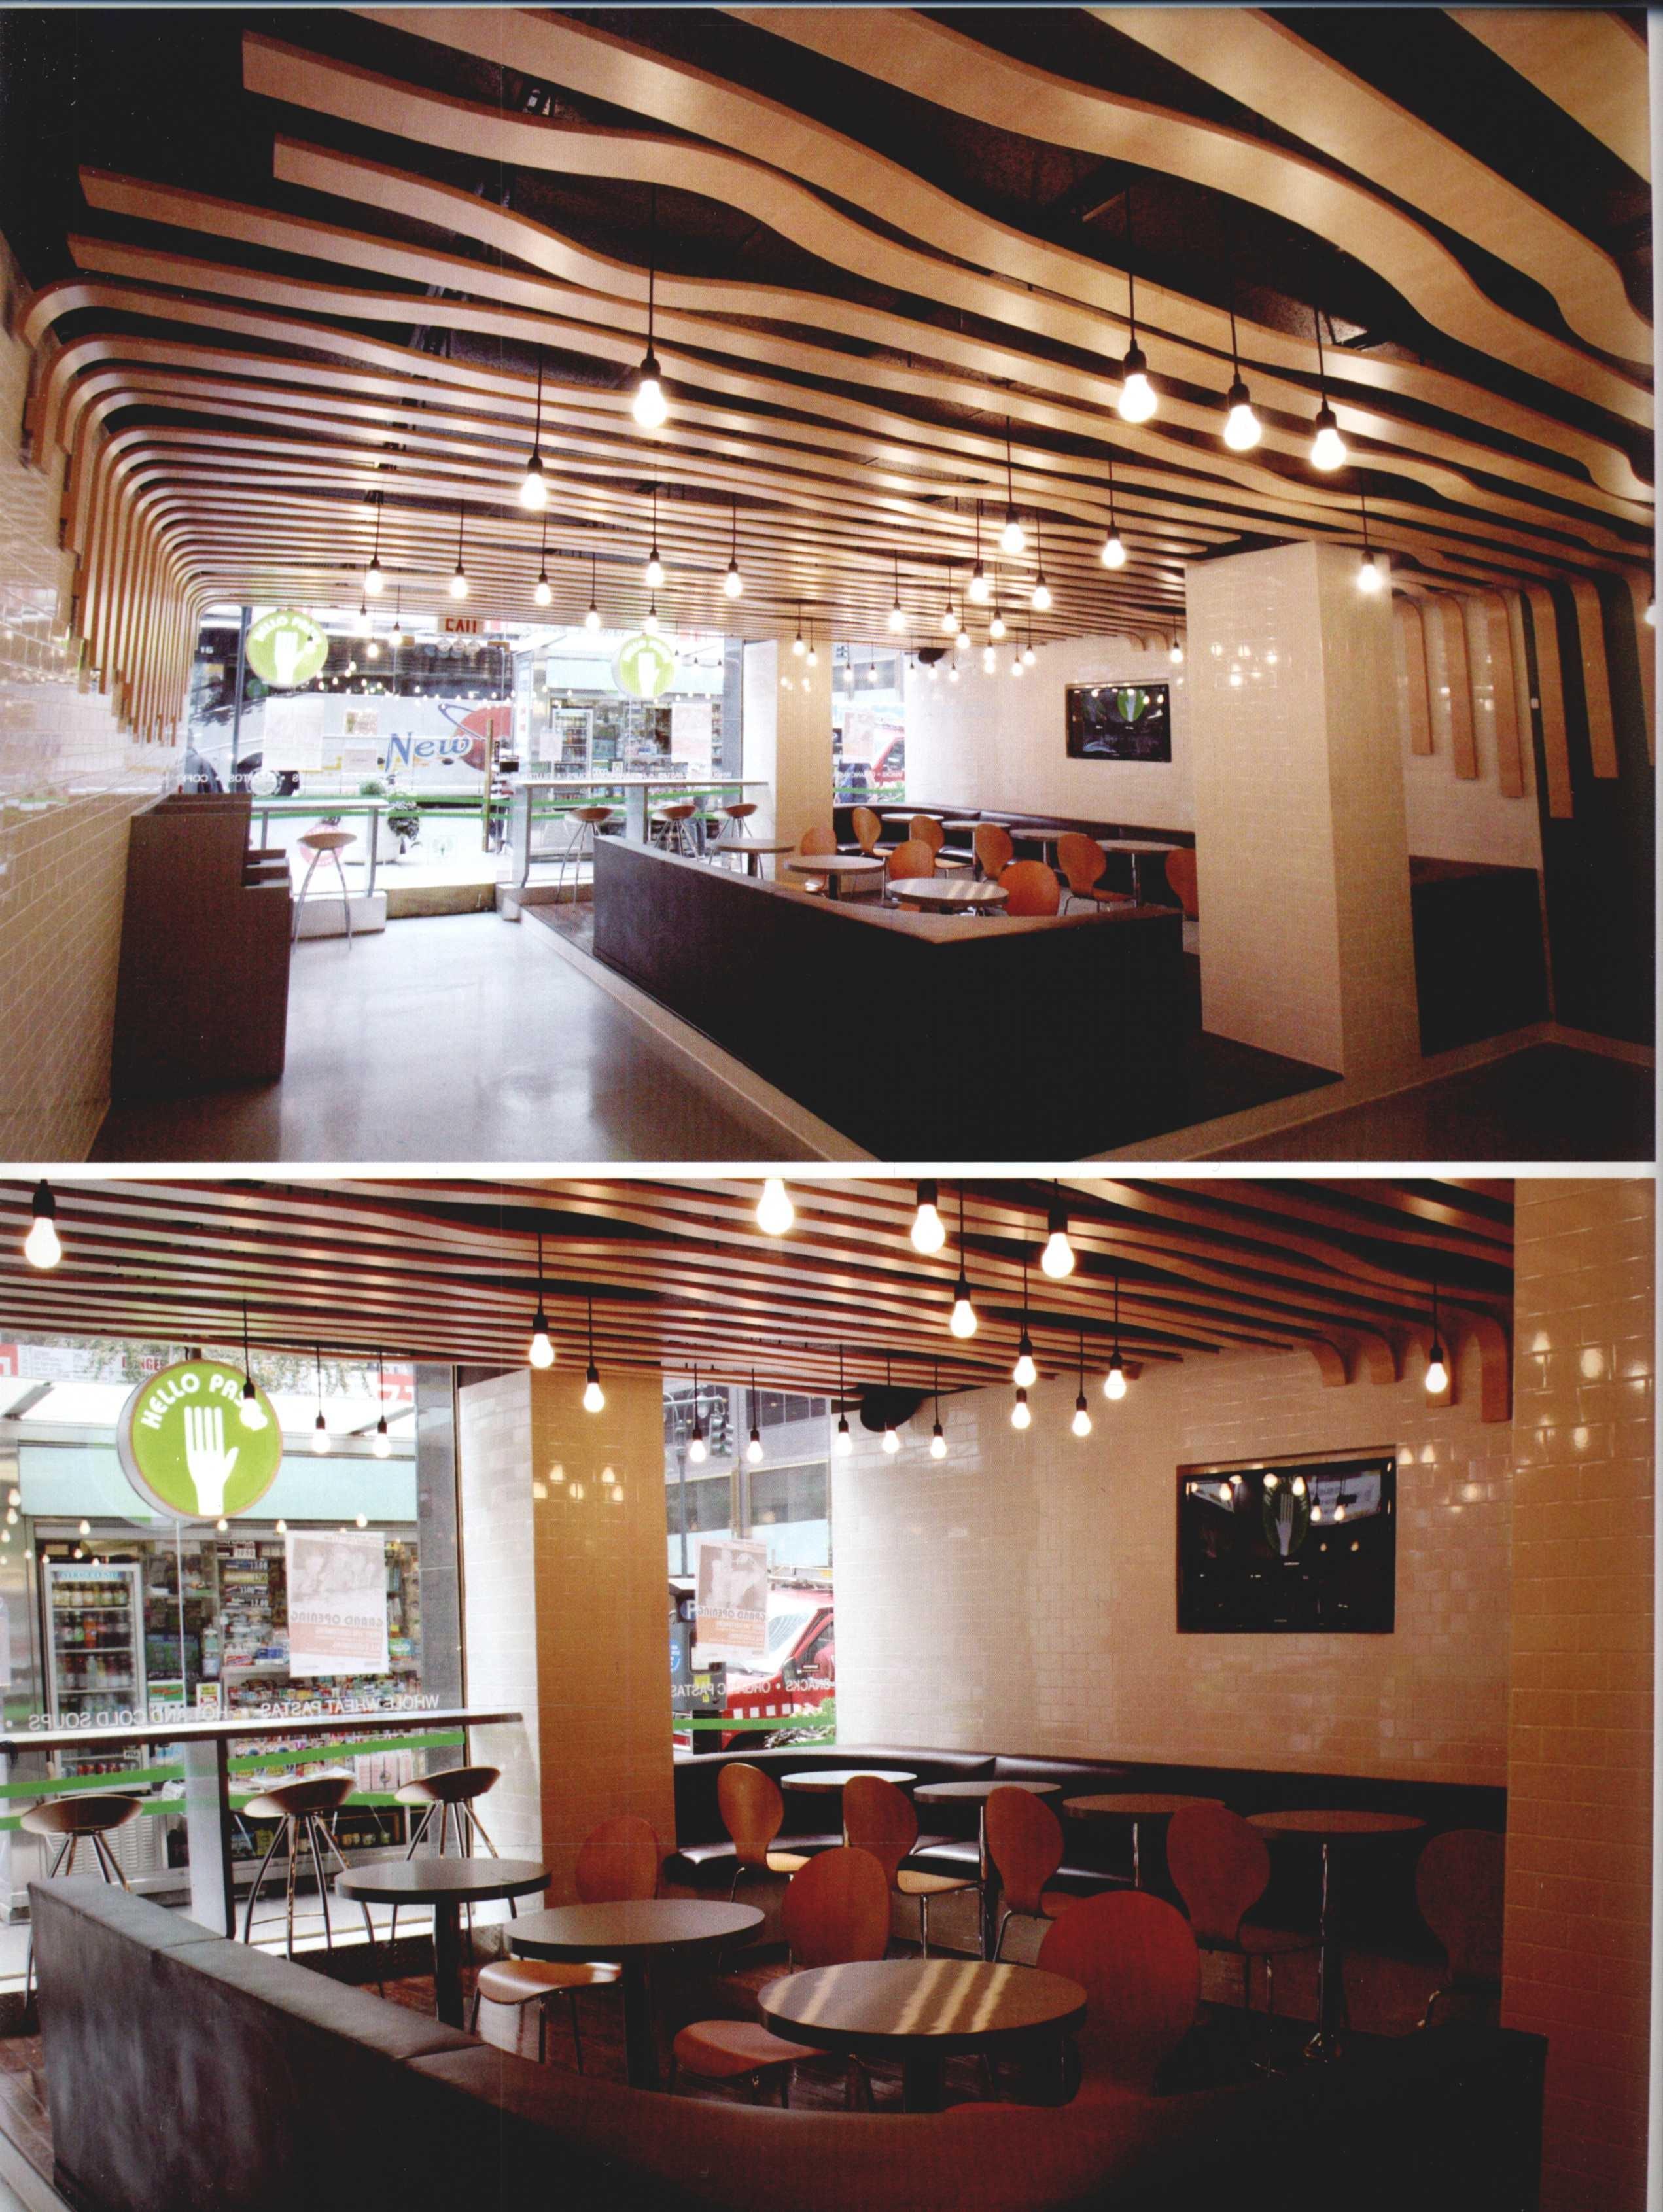 2012全球室内设计年鉴  餐饮_Page_057.jpg